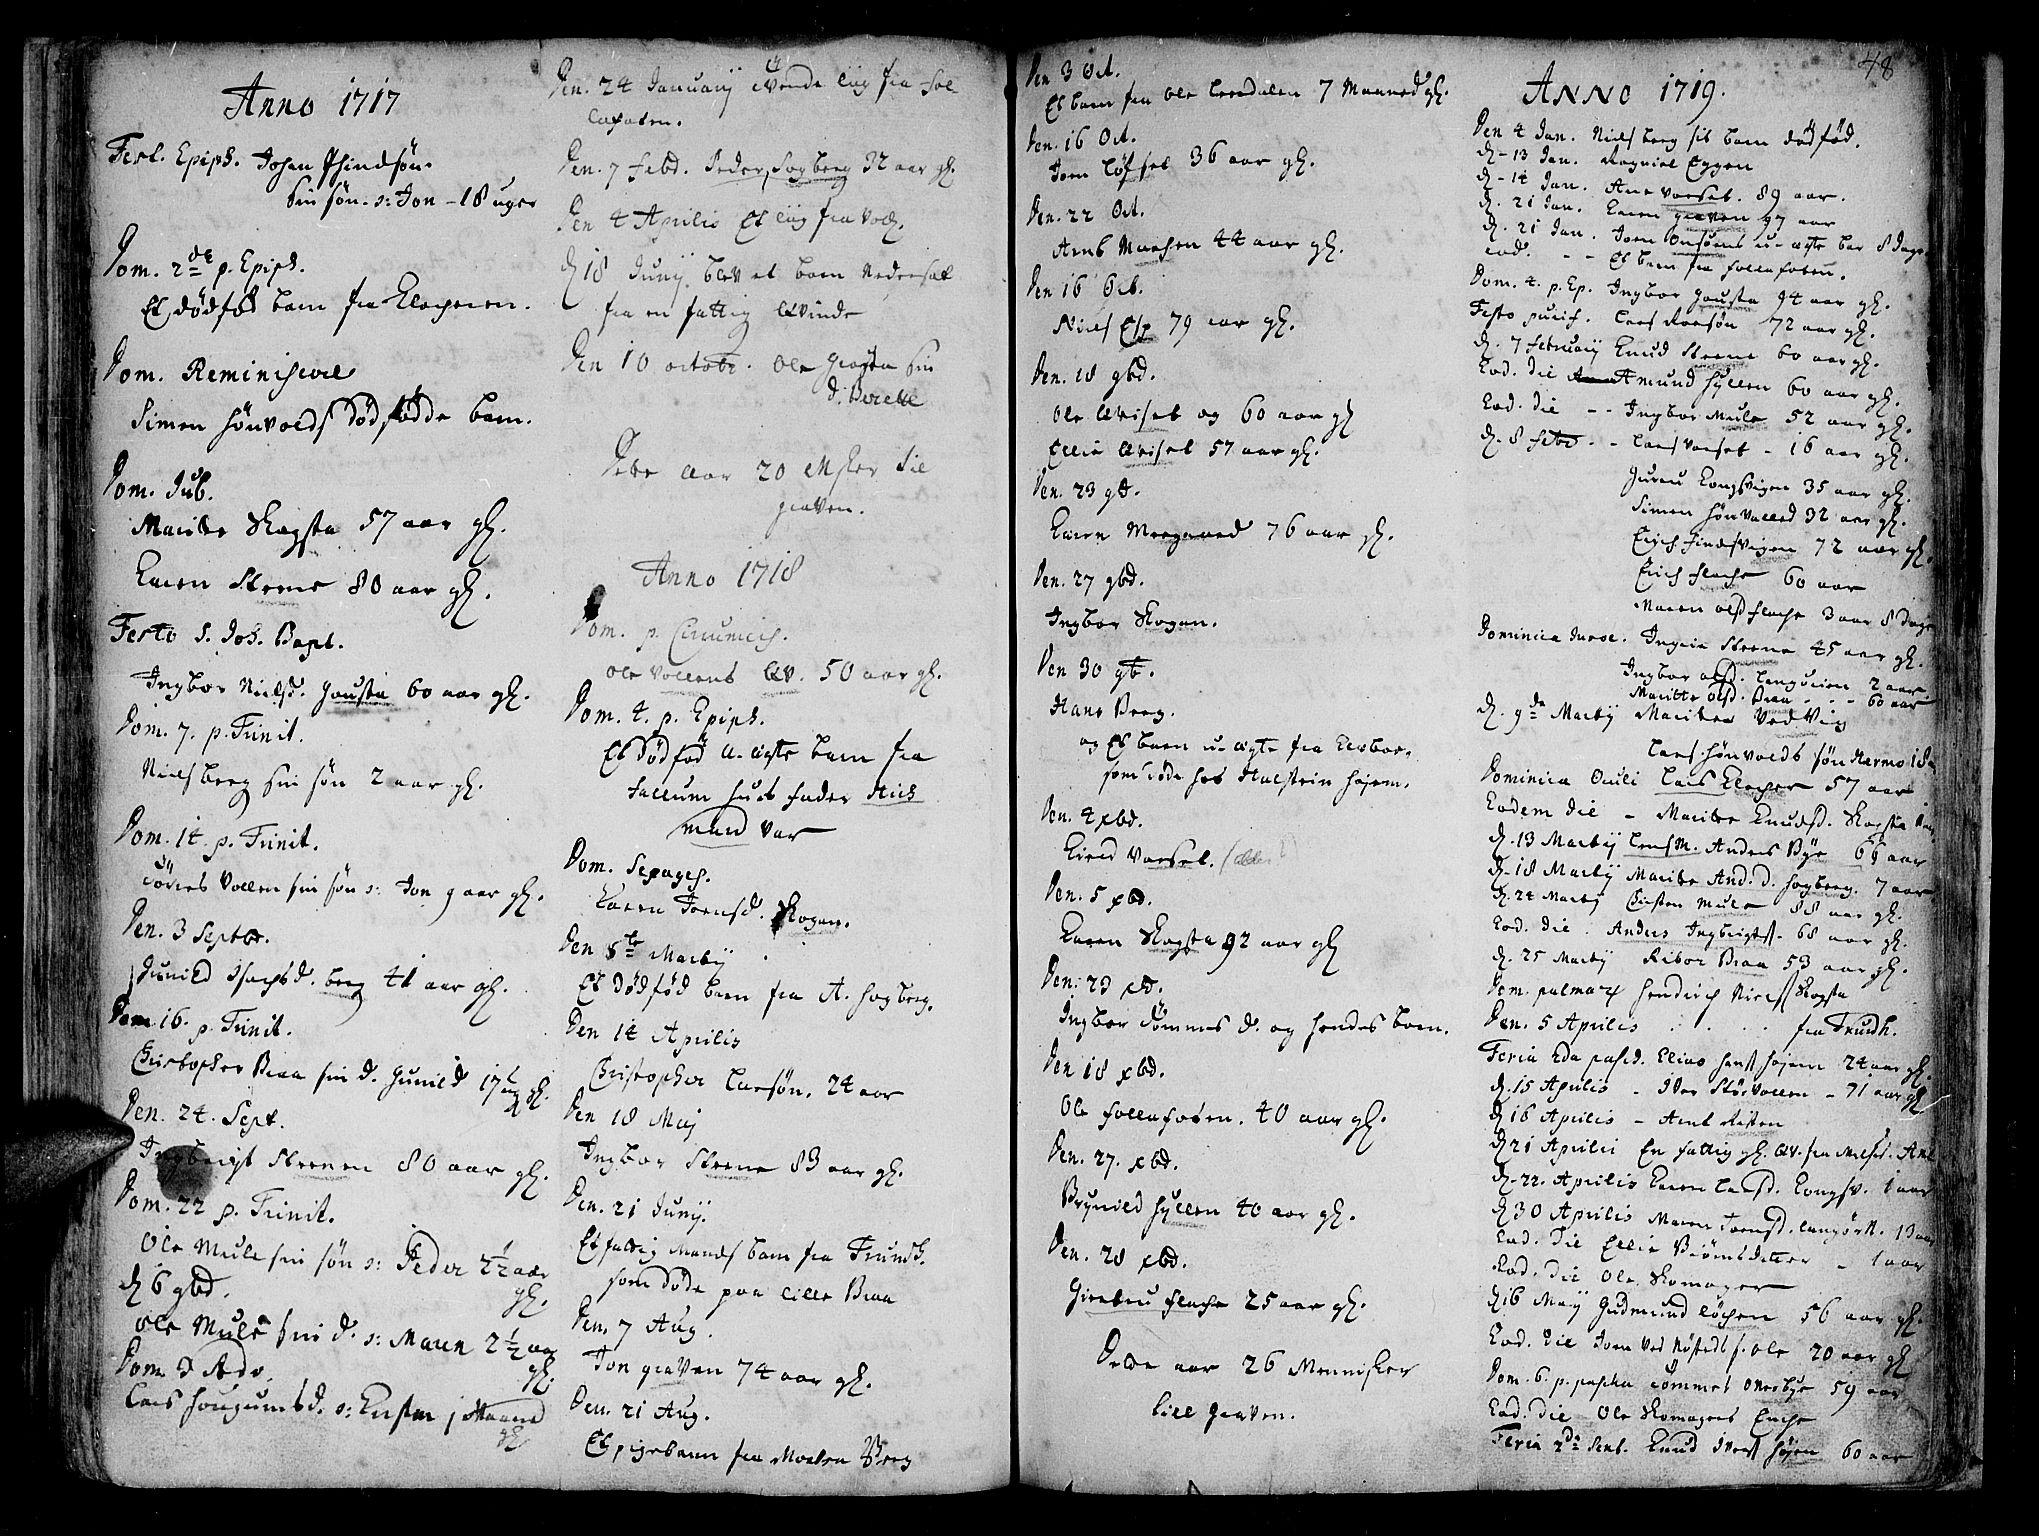 SAT, Ministerialprotokoller, klokkerbøker og fødselsregistre - Sør-Trøndelag, 612/L0368: Ministerialbok nr. 612A02, 1702-1753, s. 48